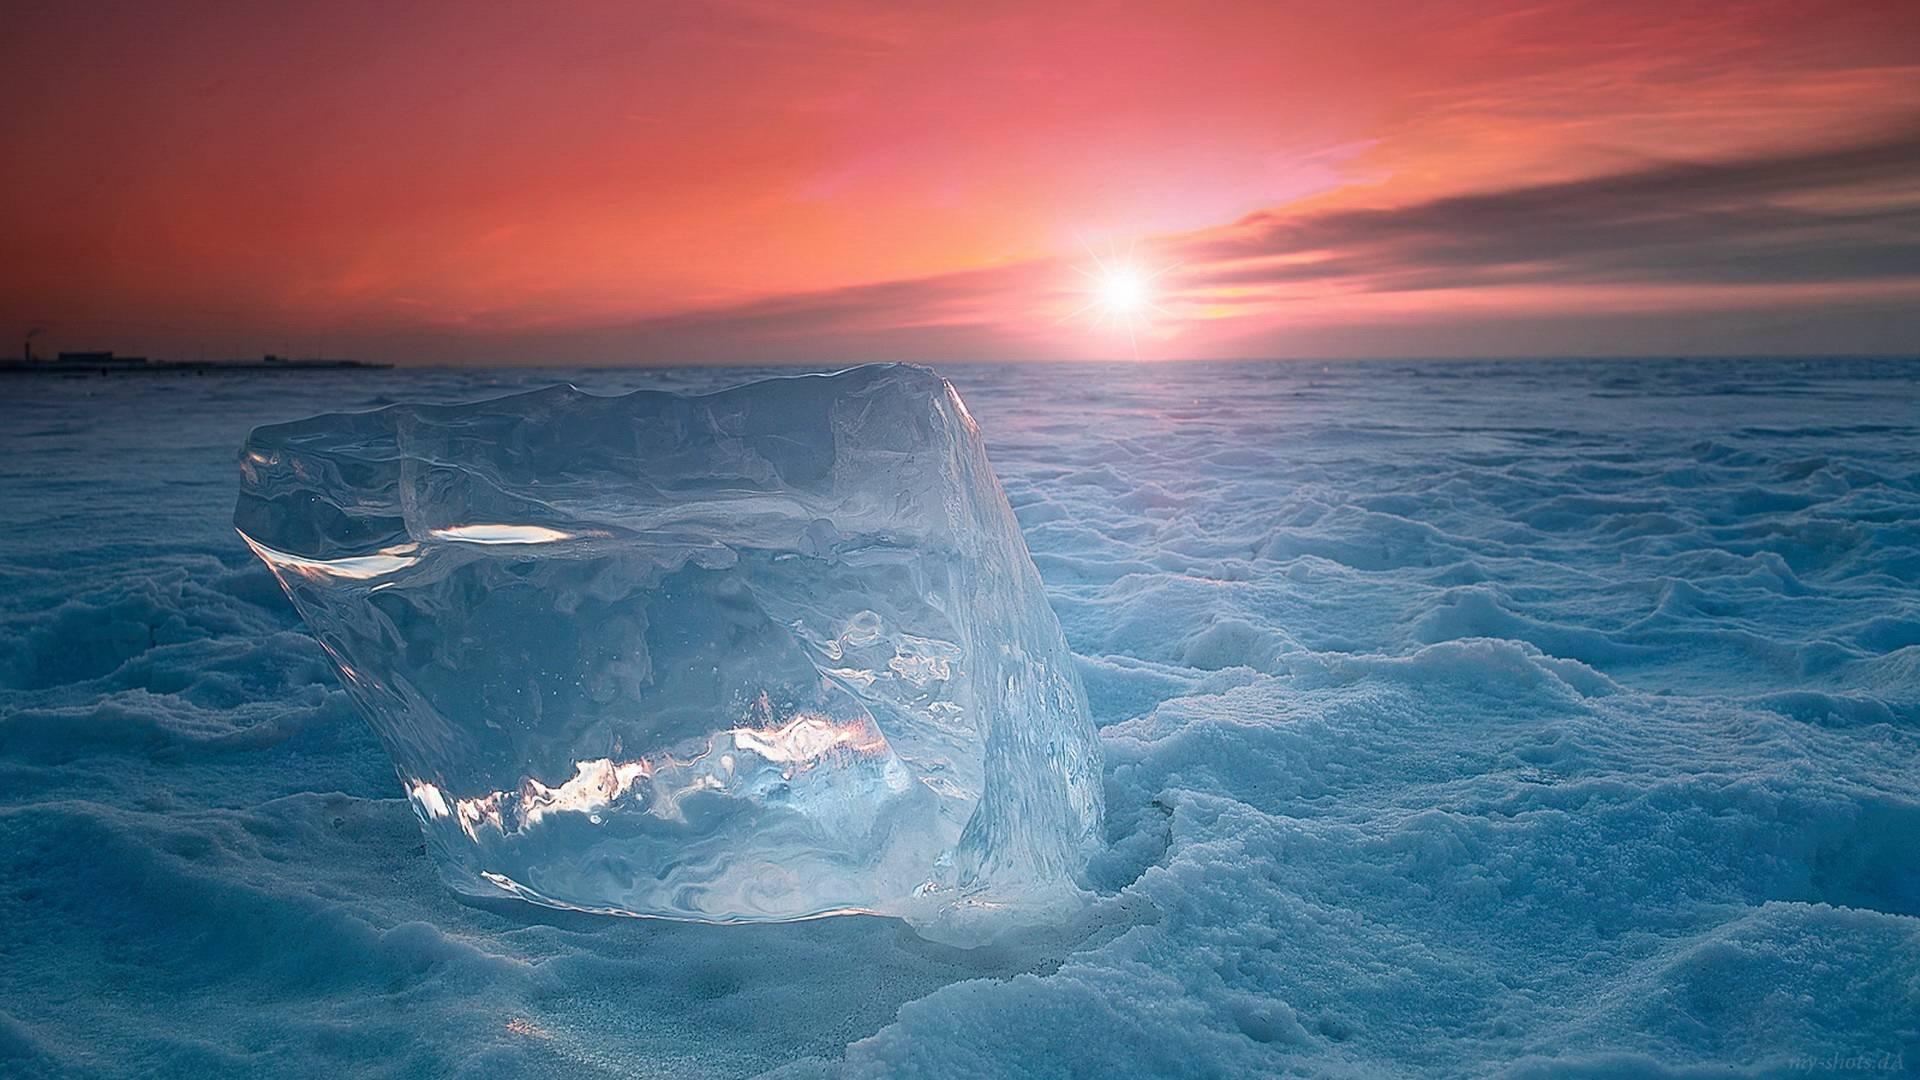 солнце льдины фокус  № 3229428 без смс